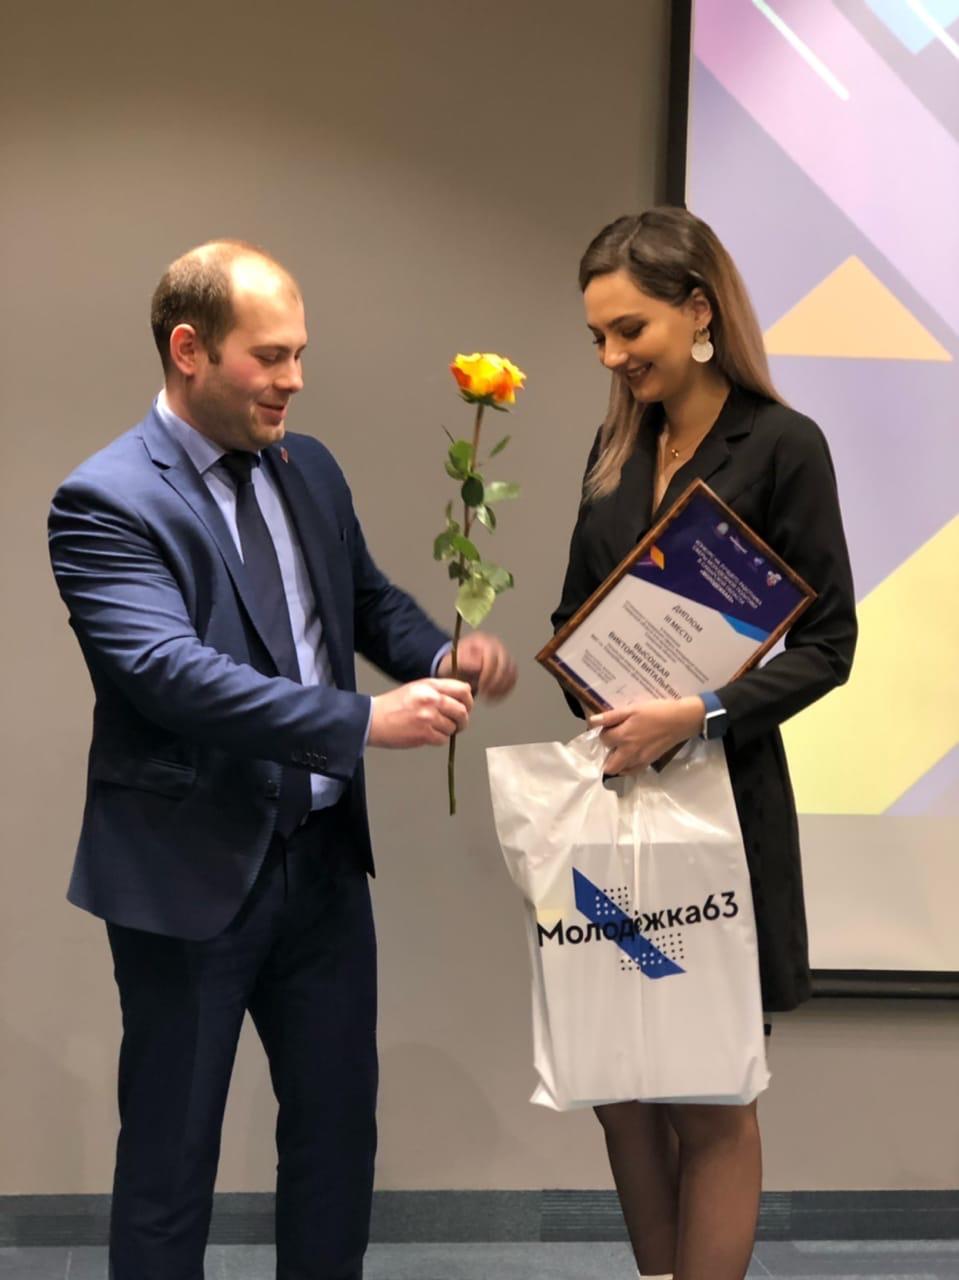 Трое специалистов из Новокуйбышевска стали лучшими в молодежной политике Самарской области.